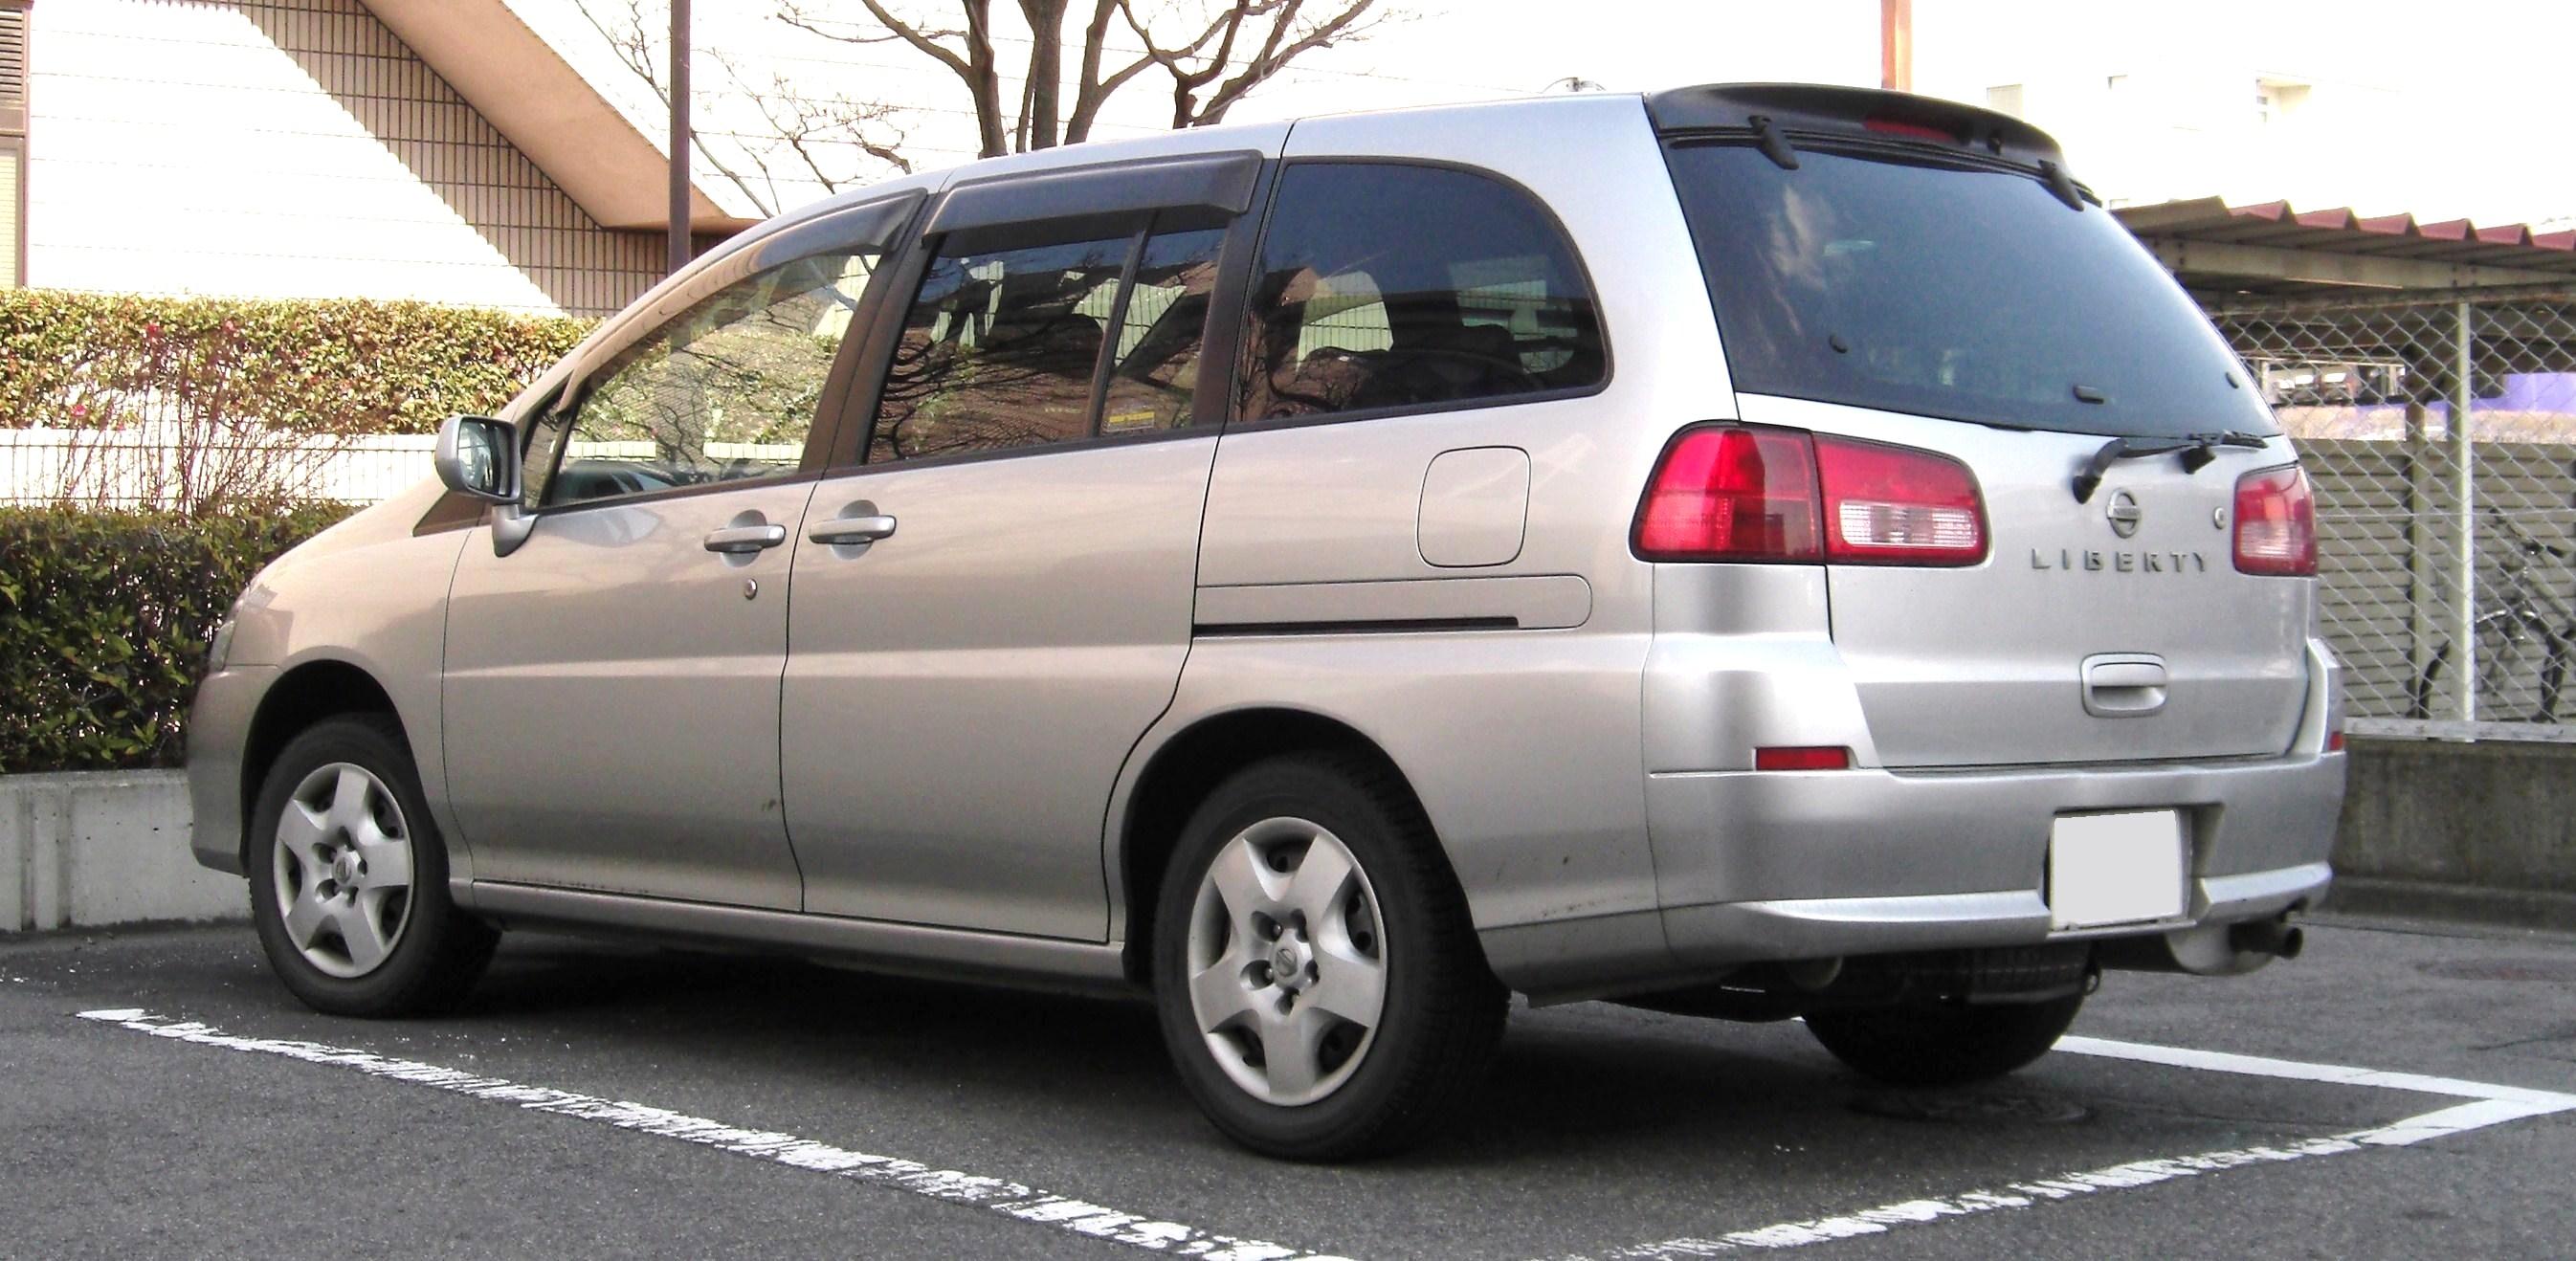 Nissan Liberty 1998 - 2004 Compact MPV #6